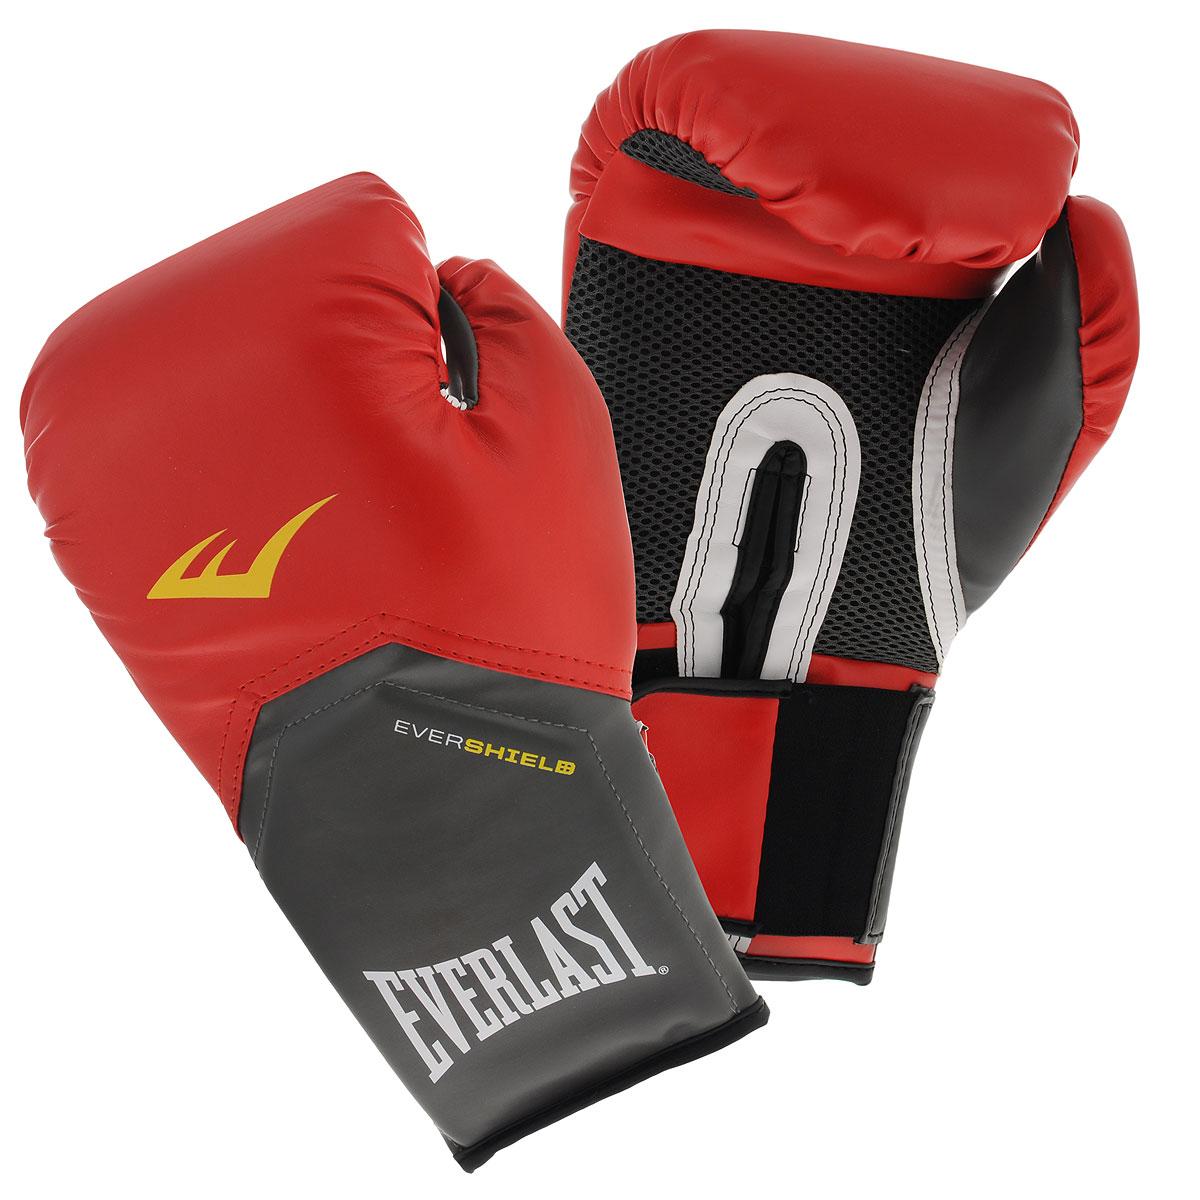 Перчатки тренировочные Everlast Pro Style Elite, цвет: красный, 14 унций2114EEverlast Pro Style Elite — тренировочные боксерские перчатки для спаррингов и работы на снарядах. Изготовлены из качественной искусственной кожи с применением технологий Everlast, использующихся в экипировке профессиональных спортсменов. Благодаря выверенной анатомической форме перчатки надежно фиксируют руку и гарантируют защиту от травм. Нижняя часть, полностью изготовленная из сетчатого материала, обеспечивает циркуляцию воздуха и препятствует образованию влаги, а также неприятного запаха за счет антибактериальной пропитки EVERFRESH. Комбинация легких дышащих материалов поддерживает оптимальную температуру тела. Модель подходит для начинающих боксеров, которые хотят тренироваться с экипировкой высокого класса.